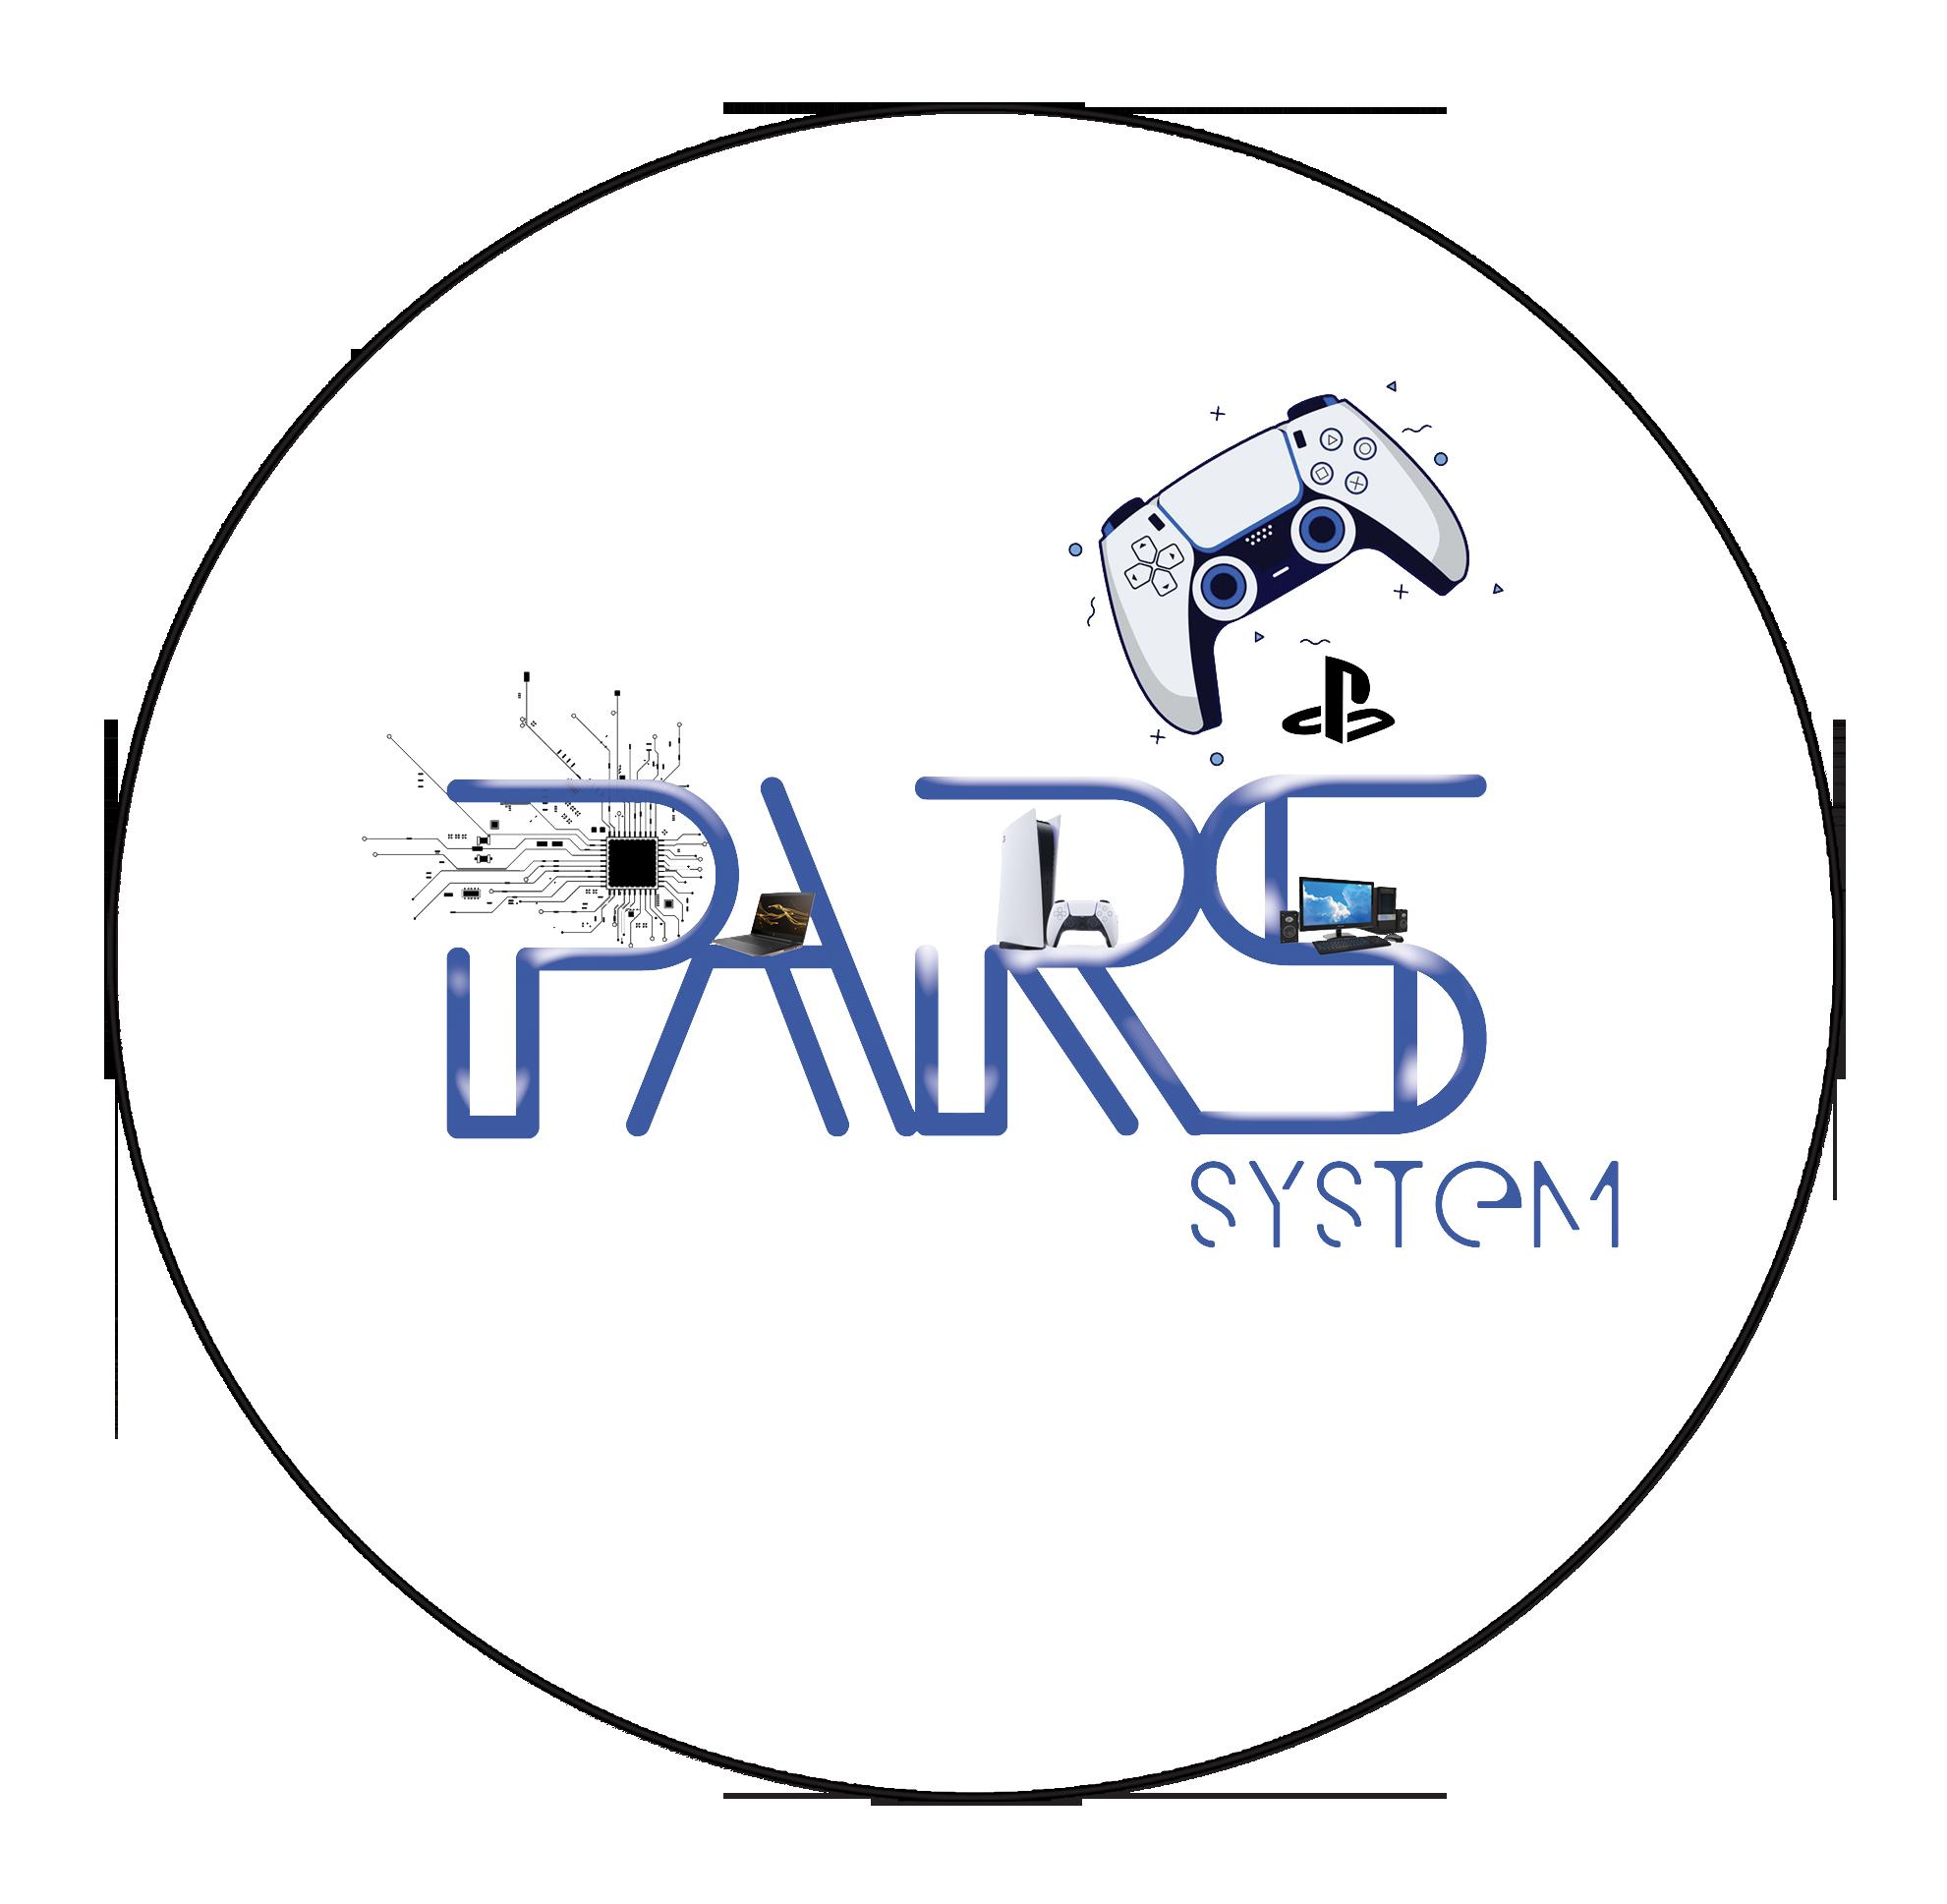 pars system